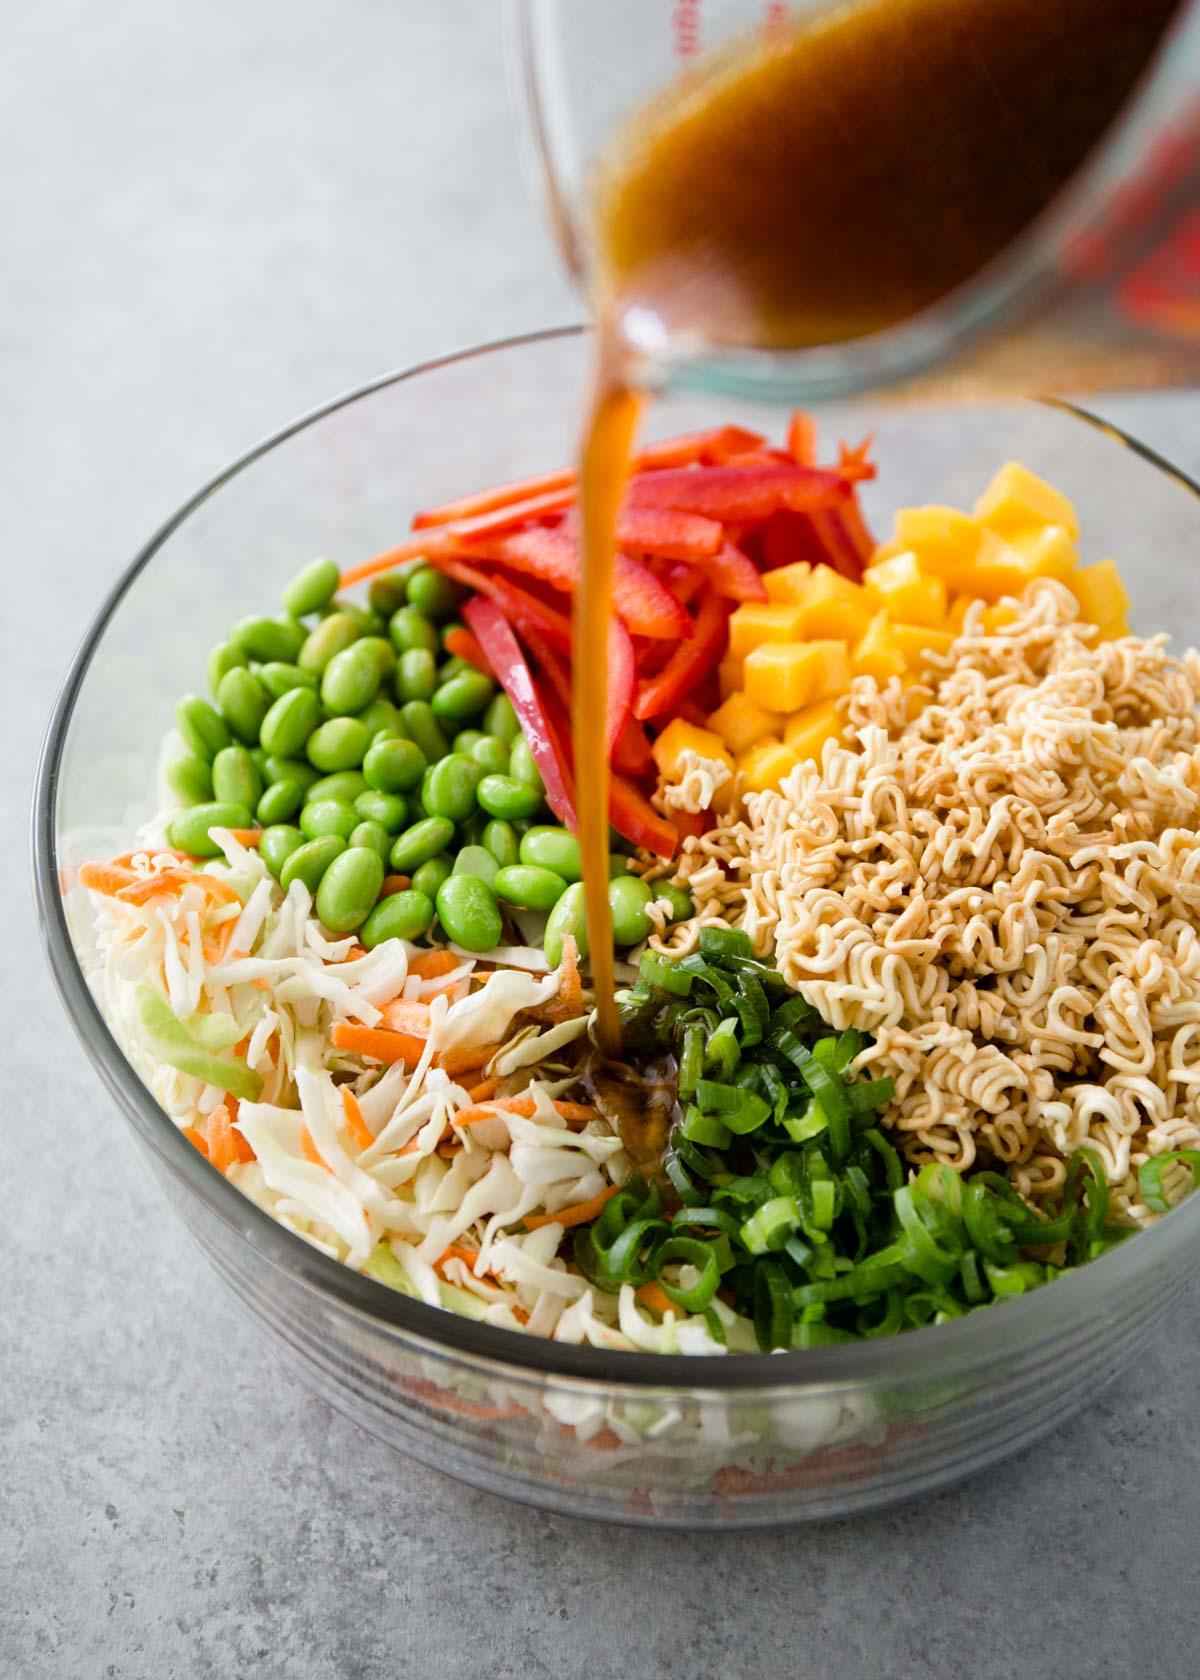 dressing being poured over crunchy ramen noodle salad